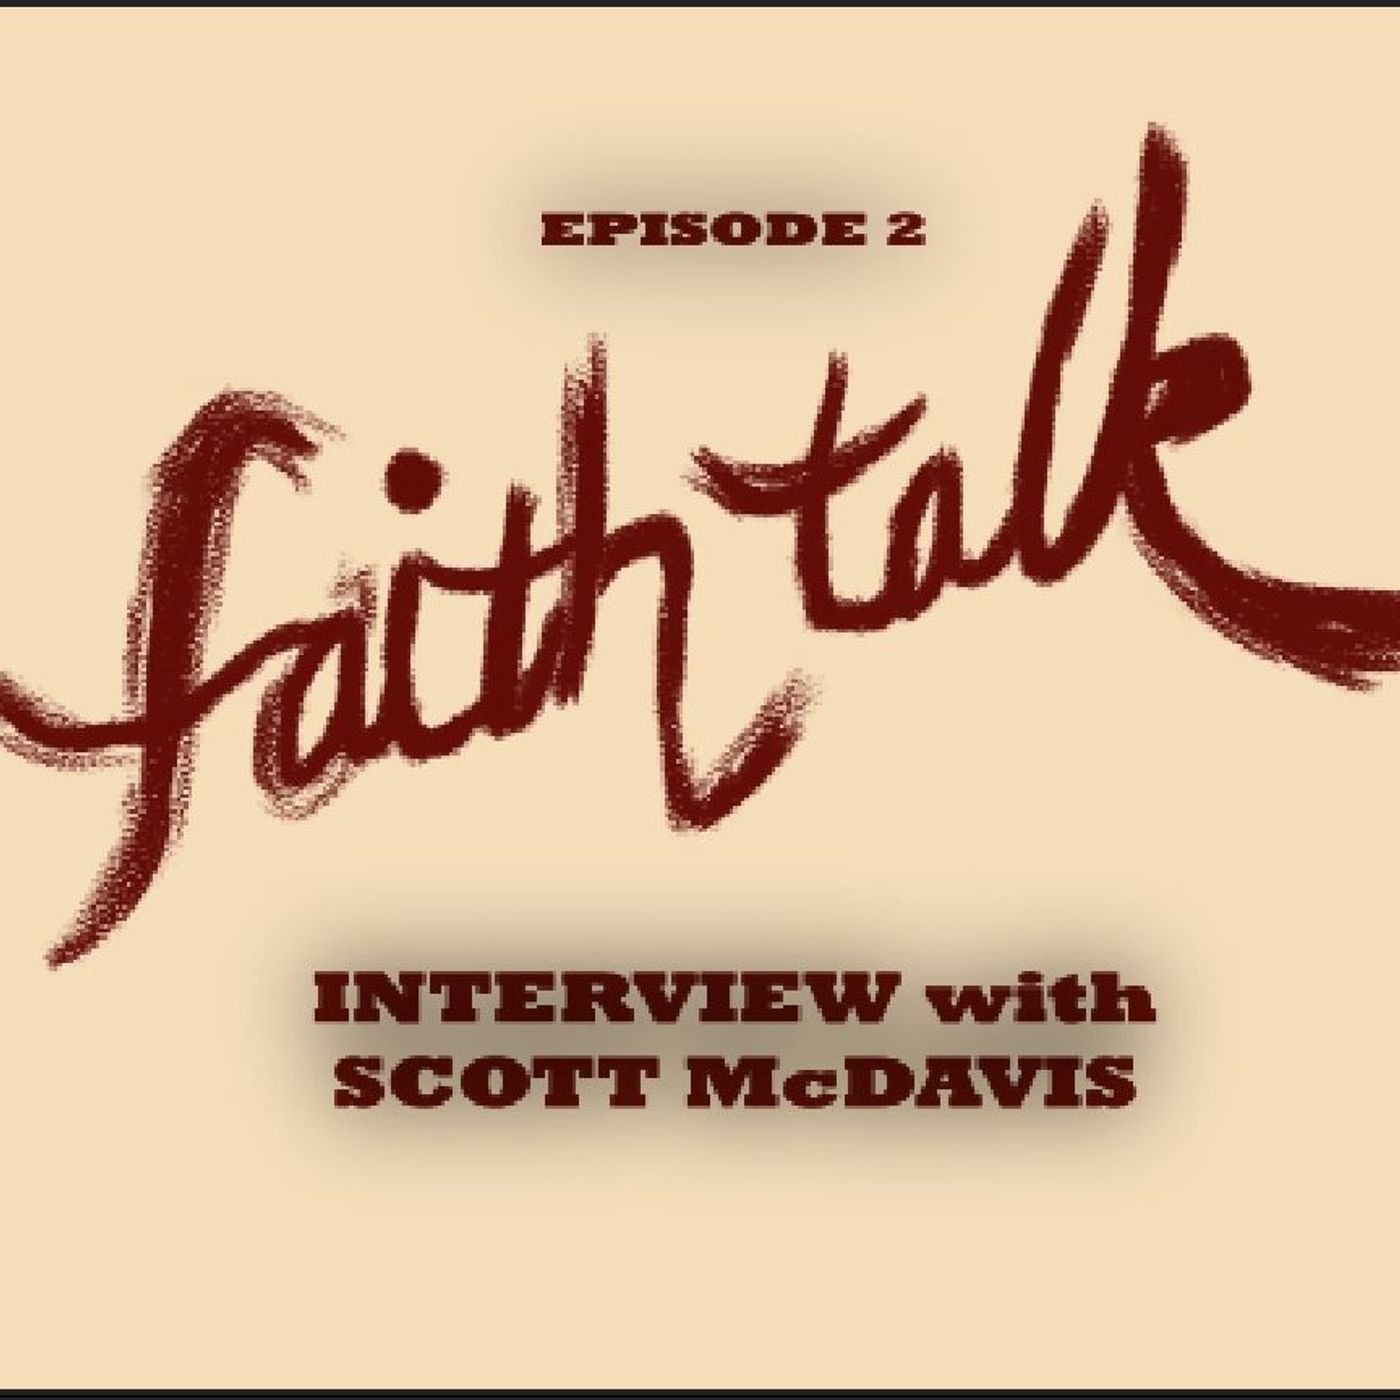 Episode 2 - Interview with Scott McDavis